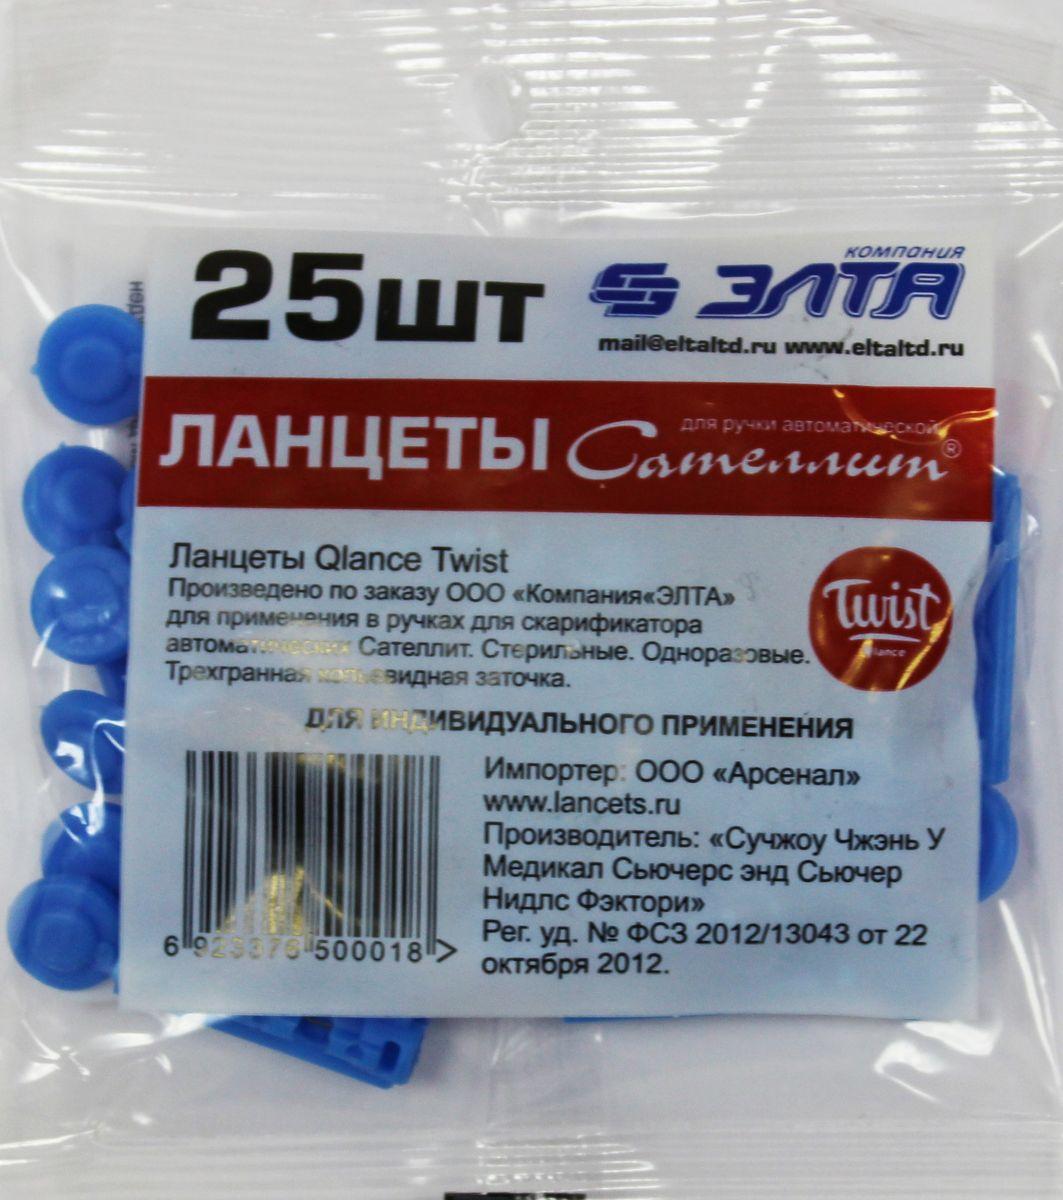 Ланцеты Сателлит Qlance Twist 28G, 25 шт3623Стерильные ланцеты (25 штук) для забора капли крови. Подходят к большинству ручек для прокалывания (автоматических прокалывателей). Сверхтонкое острие ланцета делает прокалывание менее болезненным. В целях безопасности ланцеты предназначены только для индивидуального пользования.